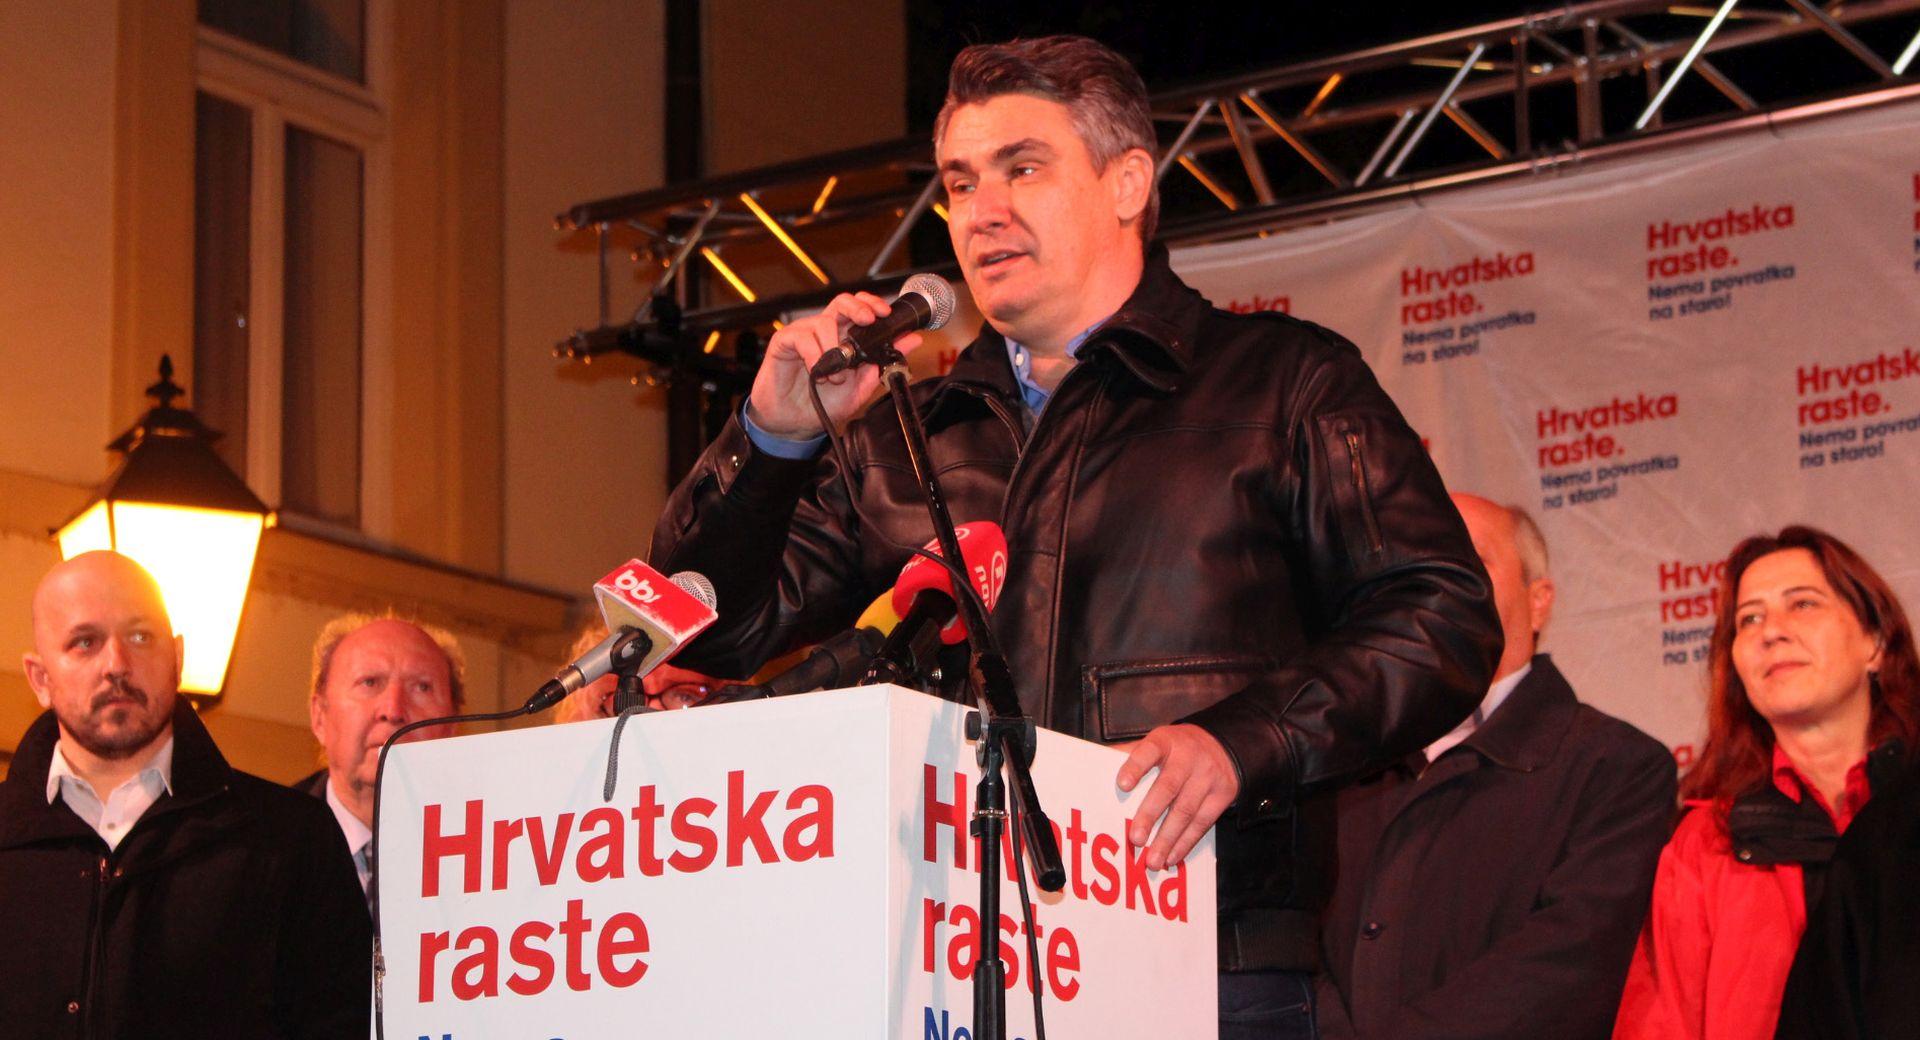 """IZBORI 2015. Milanović u Bjelovaru: """"Sačuvali smo obraz, sačuvat ćemo i vlast"""""""